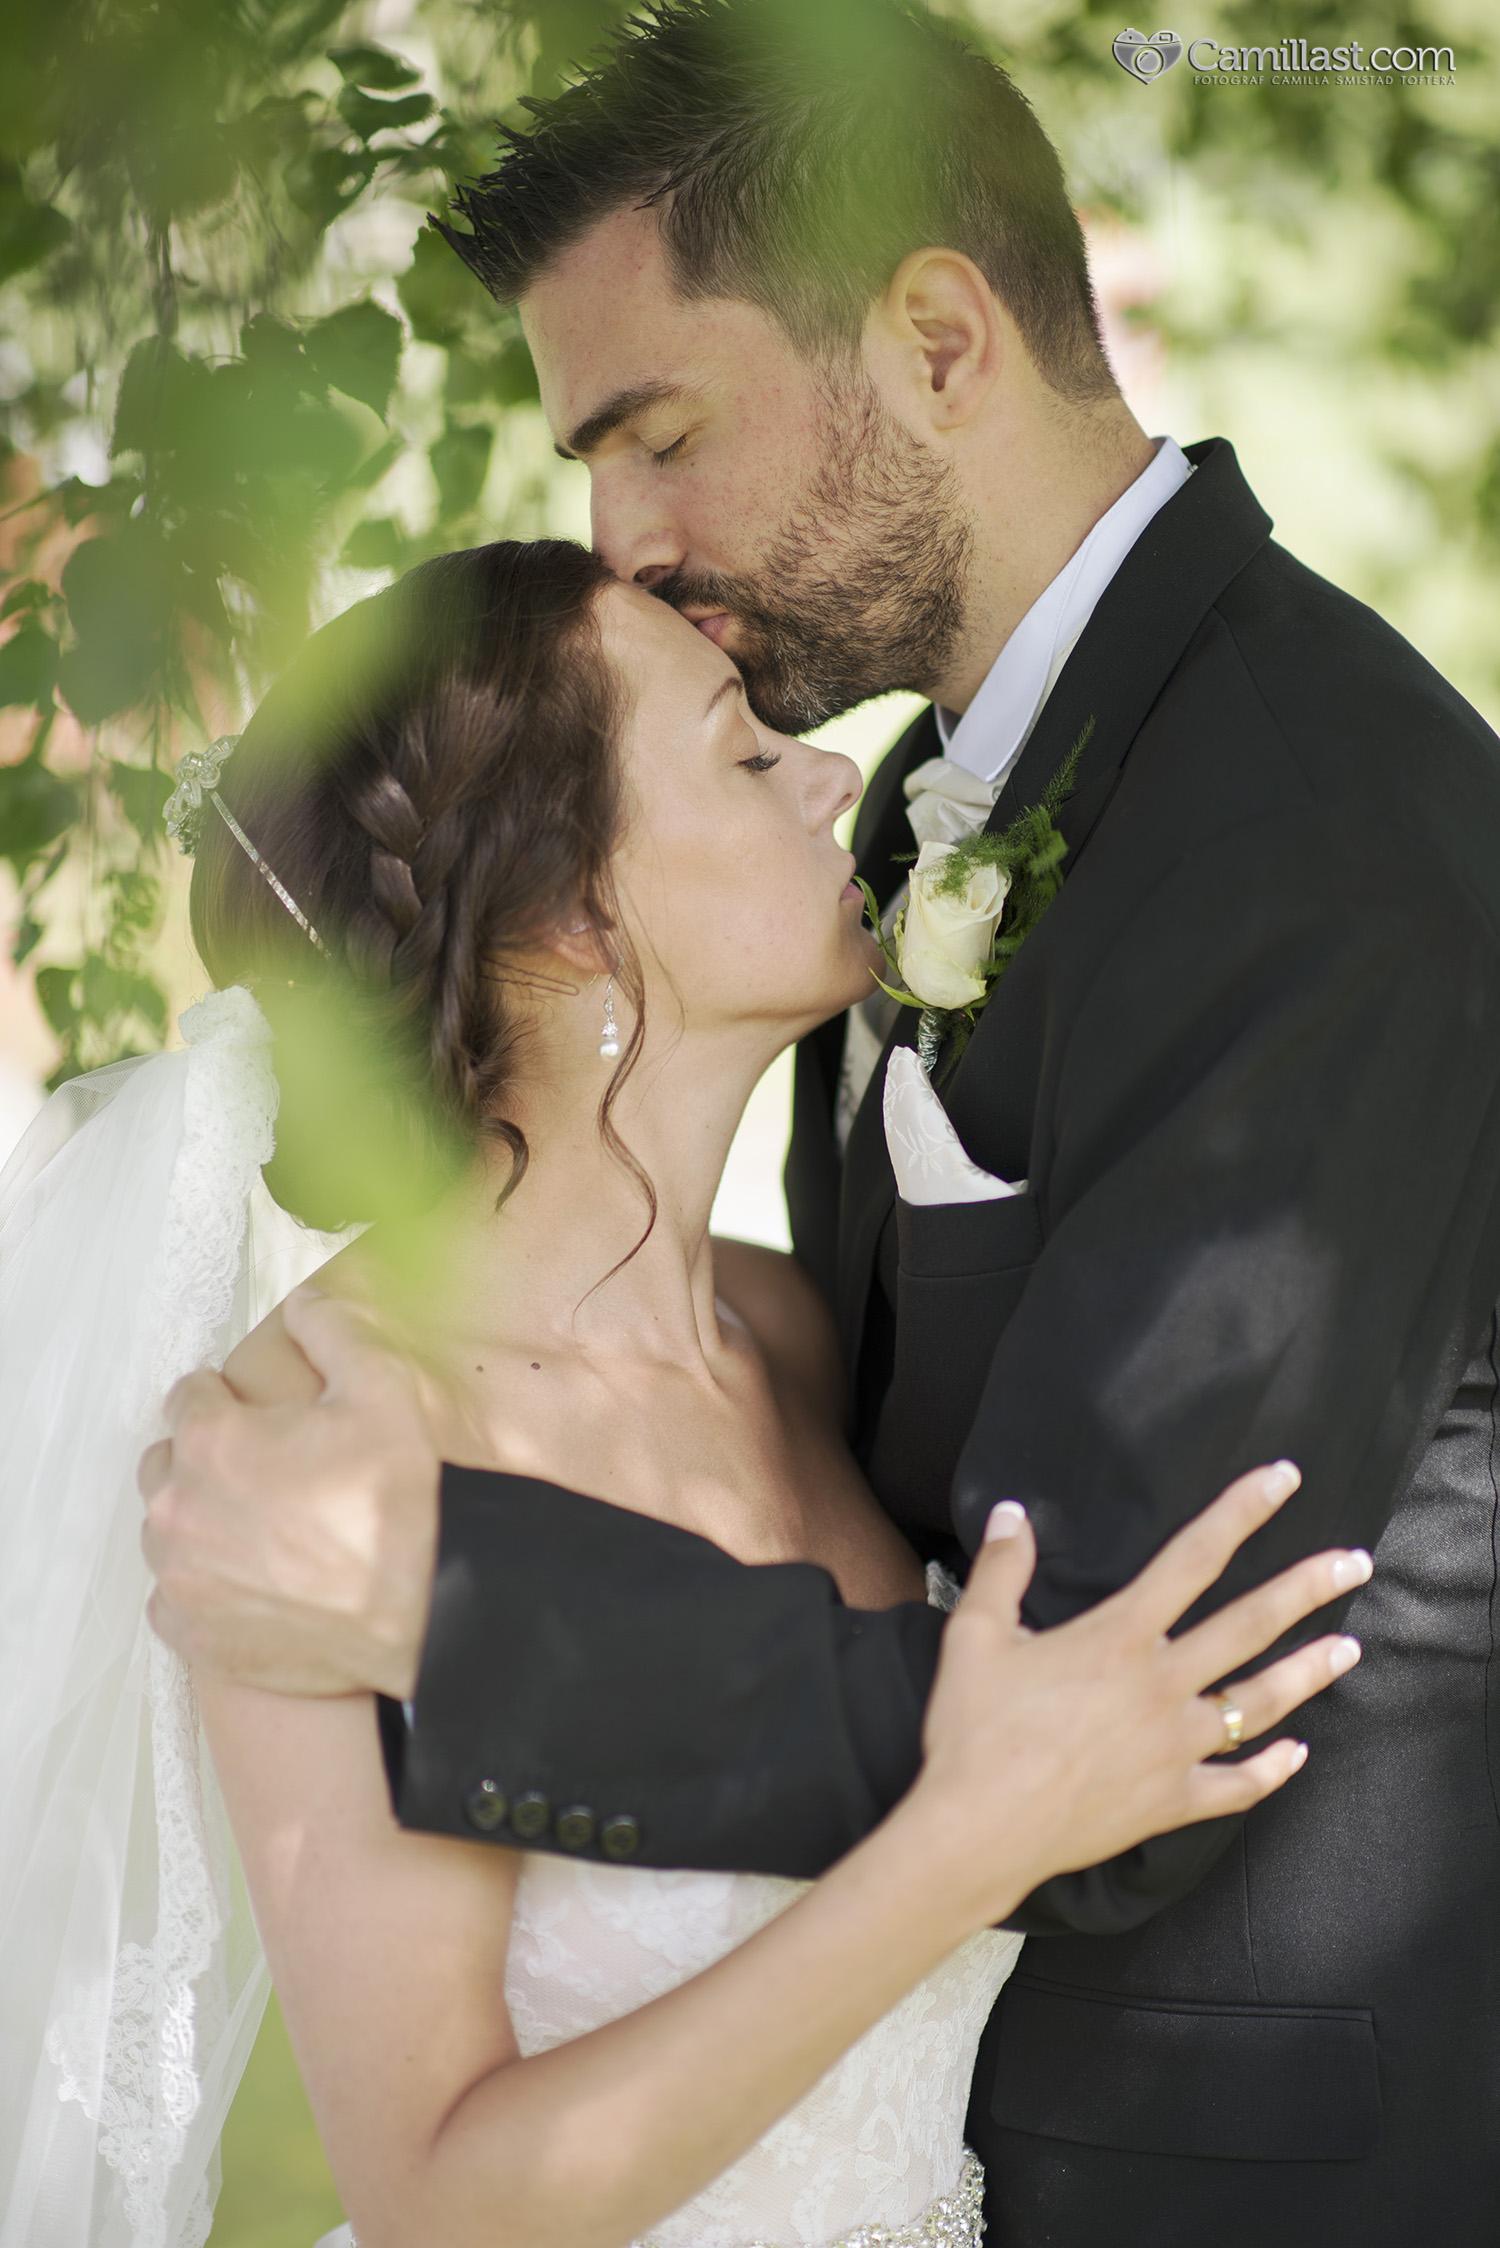 Bryllup_Fotograf_Camillast_20150627_192 copy.jpg